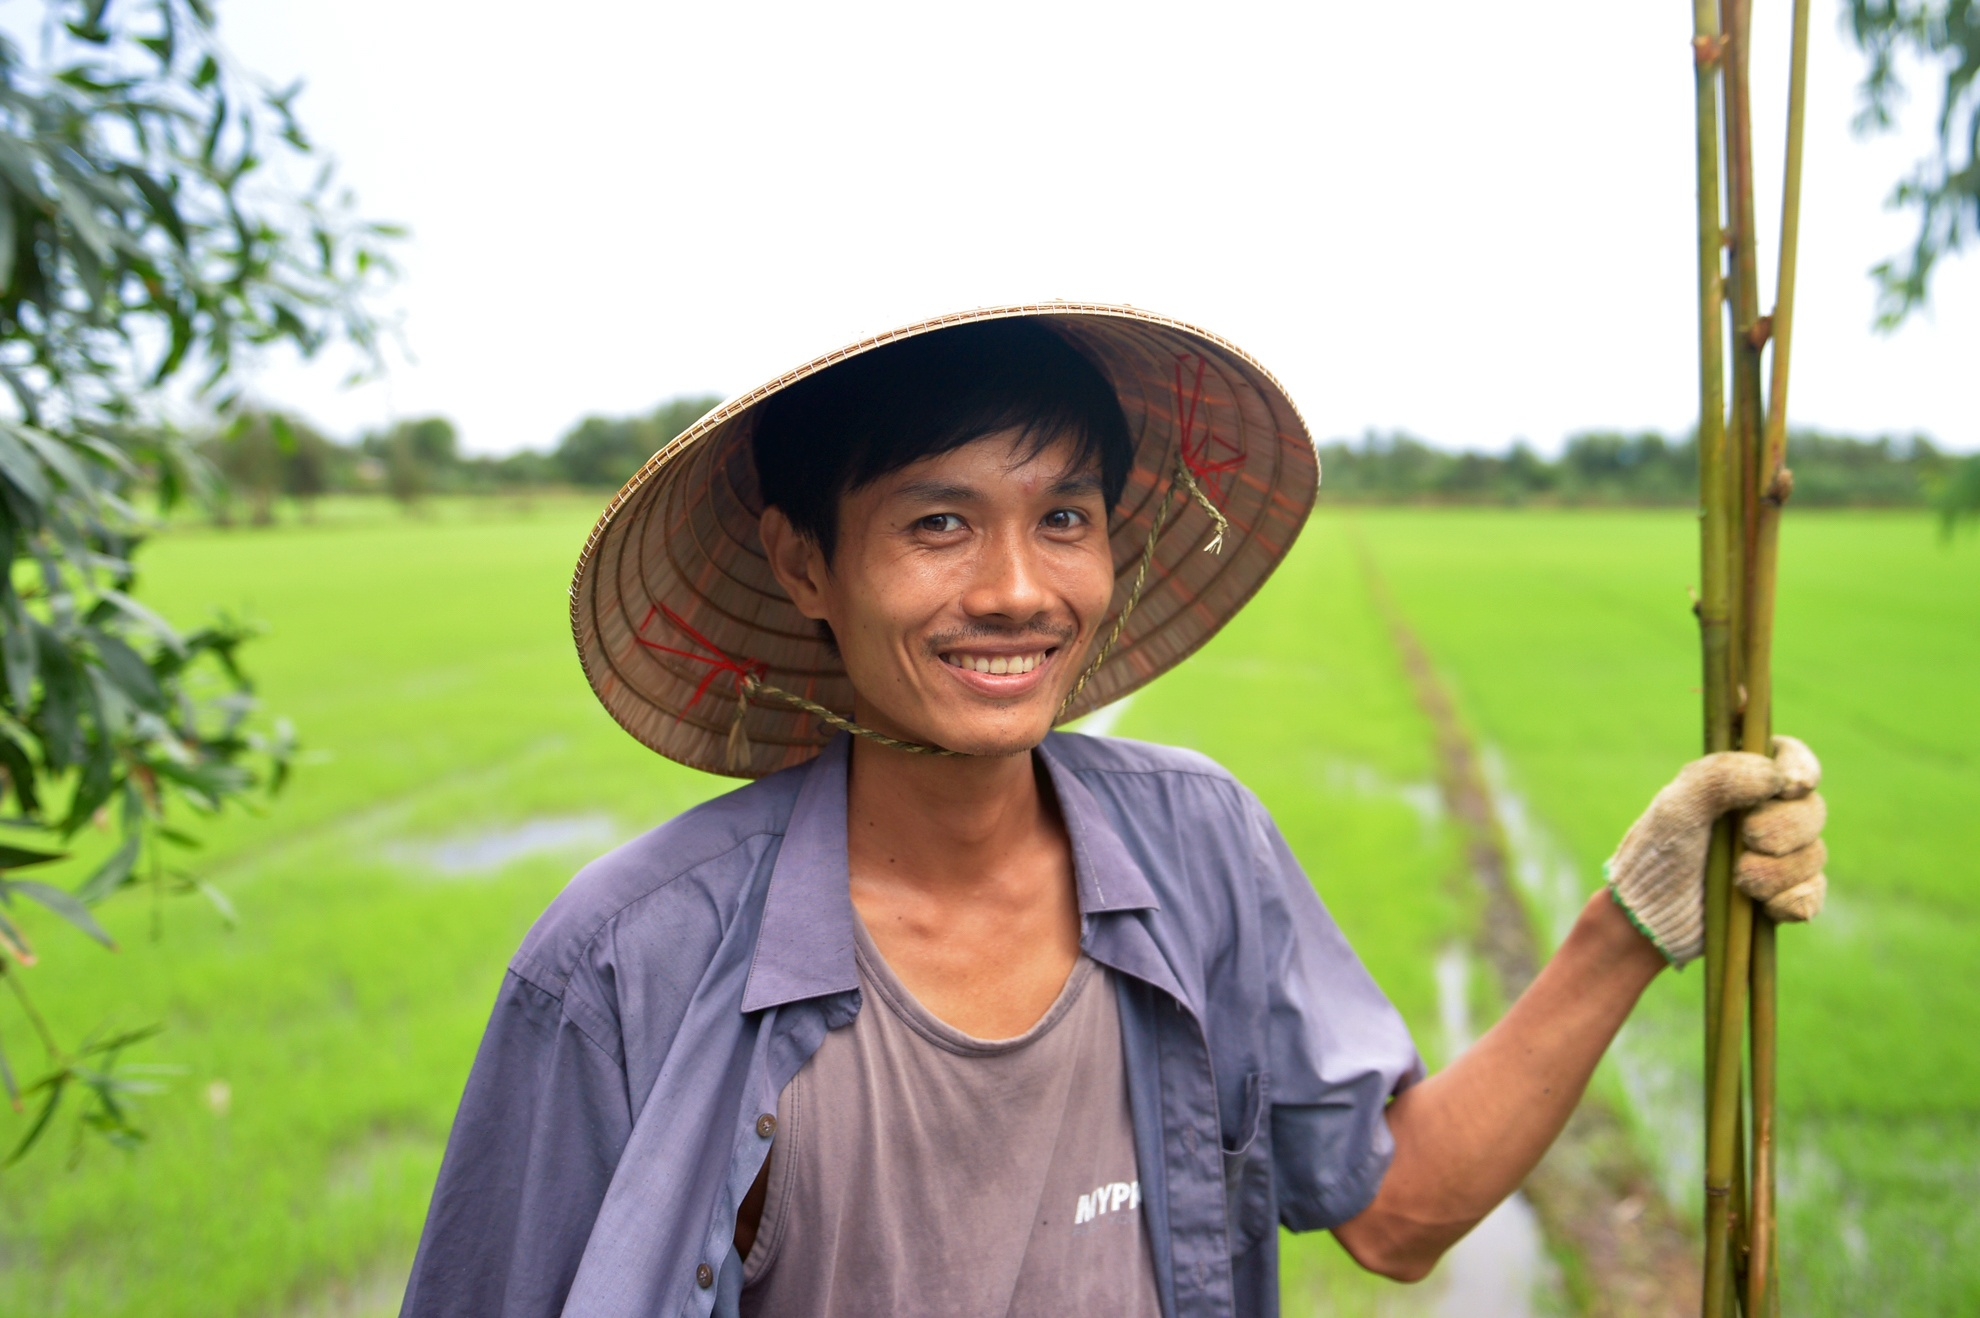 Chang nong dan 'khung' va giac mo ong hut tre hinh anh 2